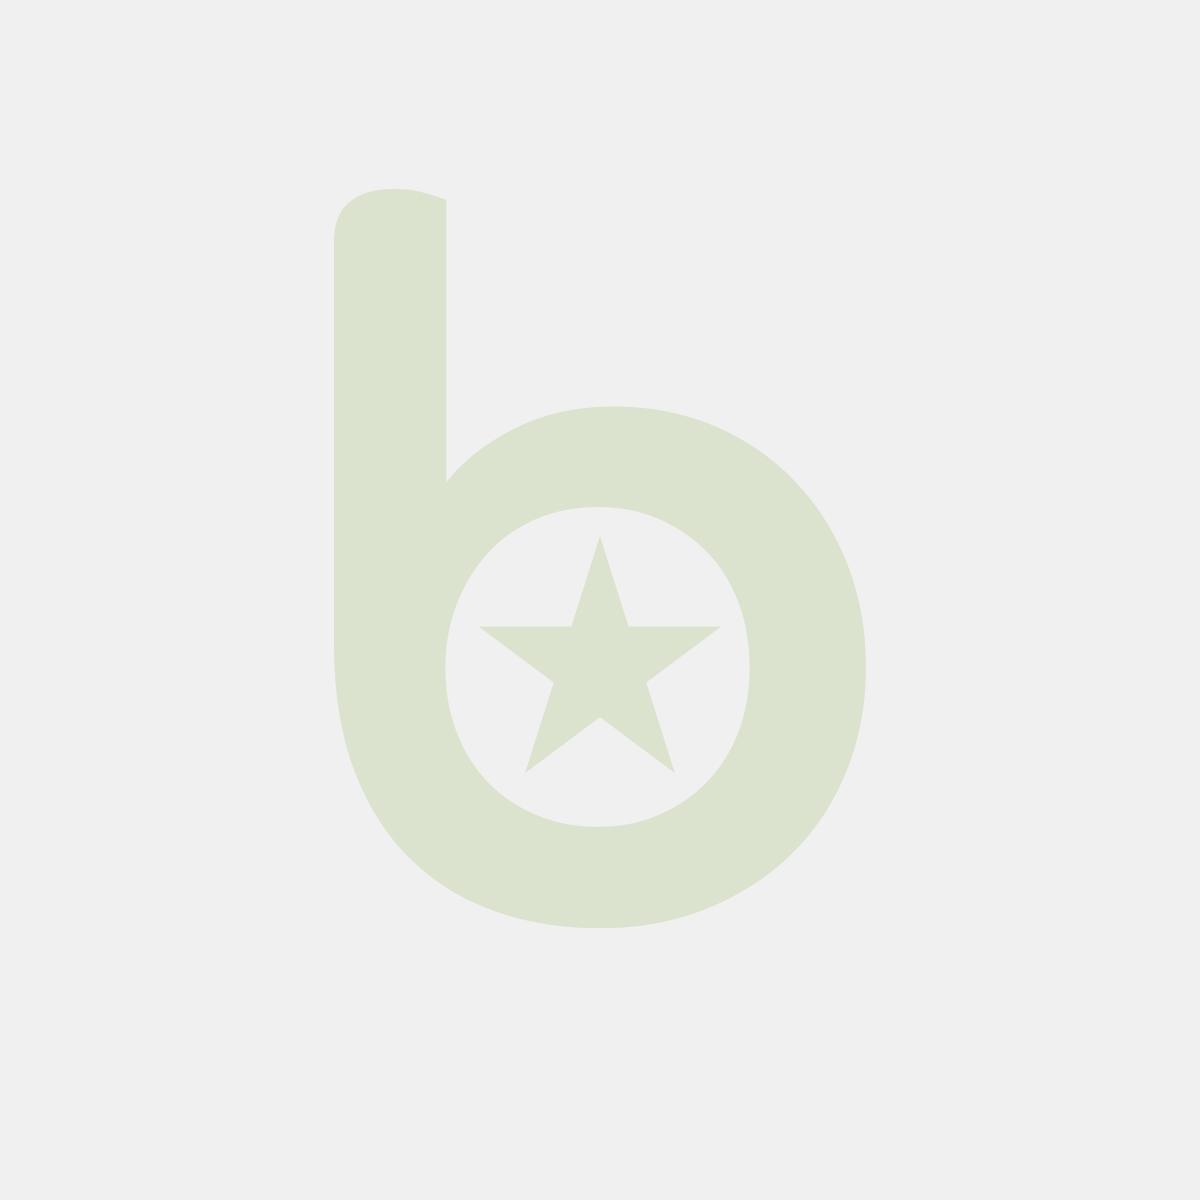 LUCART dozownik podłogowy Identity przenośny do czyściwa przemysłowego W1